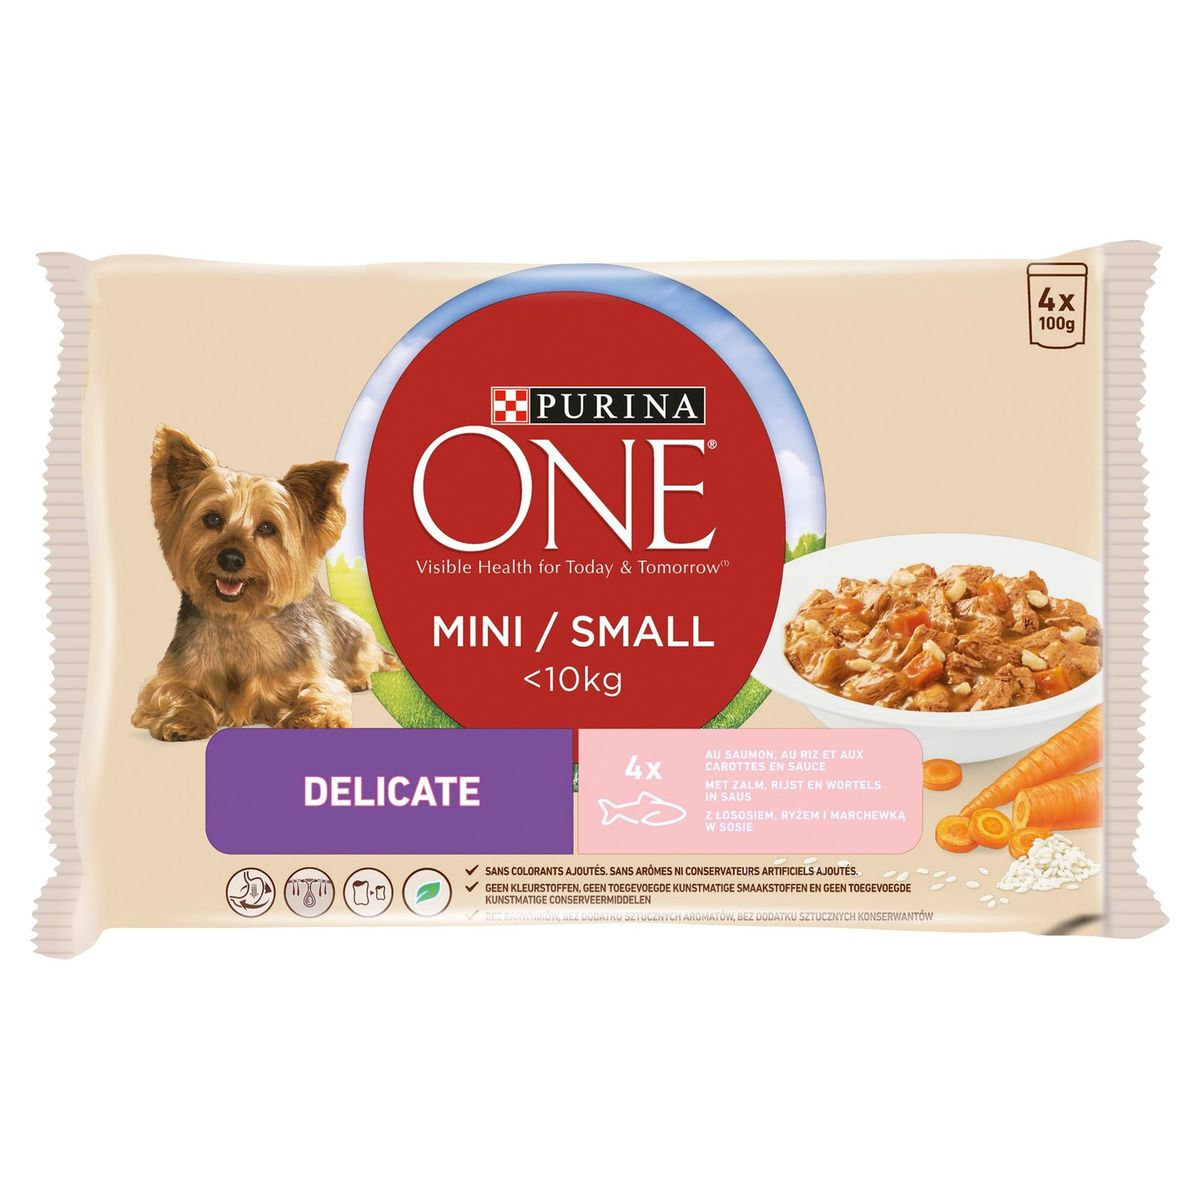 PURINA ONE Hondenvoer Mini <10 kg Delicate met Zalm, Rijst en Wortelen in Saus 4 x 100 g